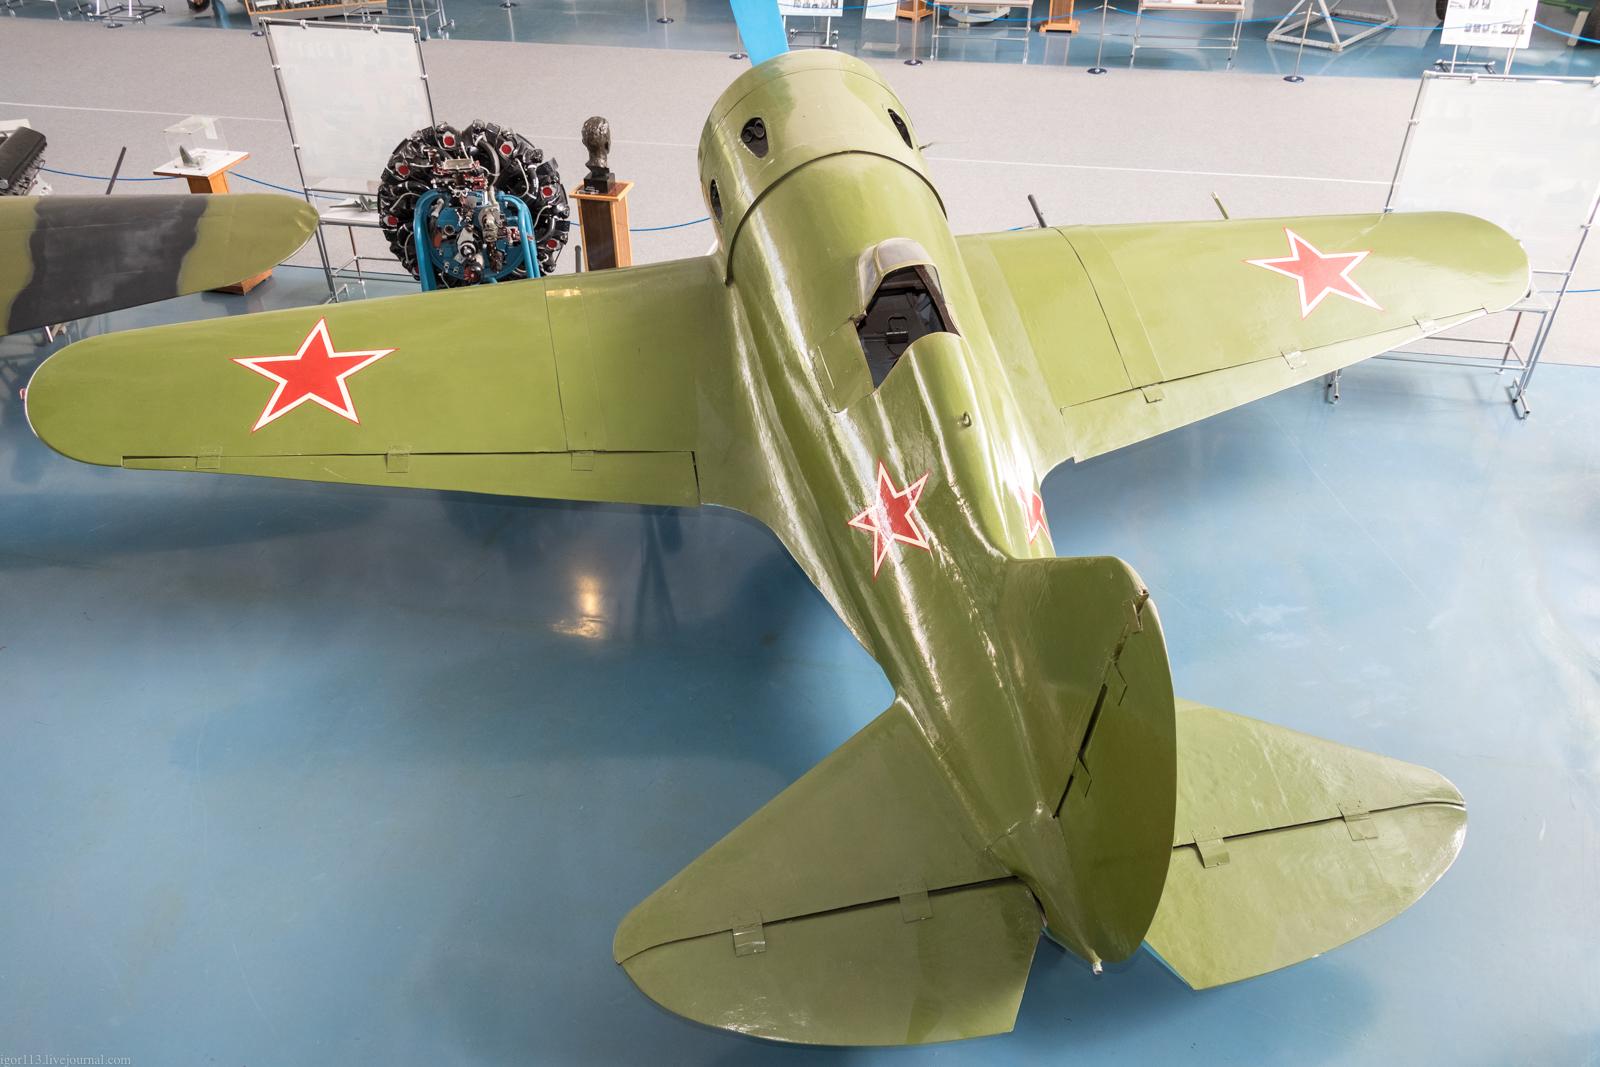 Обои i-16, советский одномоторный истребитель-моноплан, ВВС РККА, ишак, ЗА СССР!, истребитель шестнадцатый. Авиация foto 10